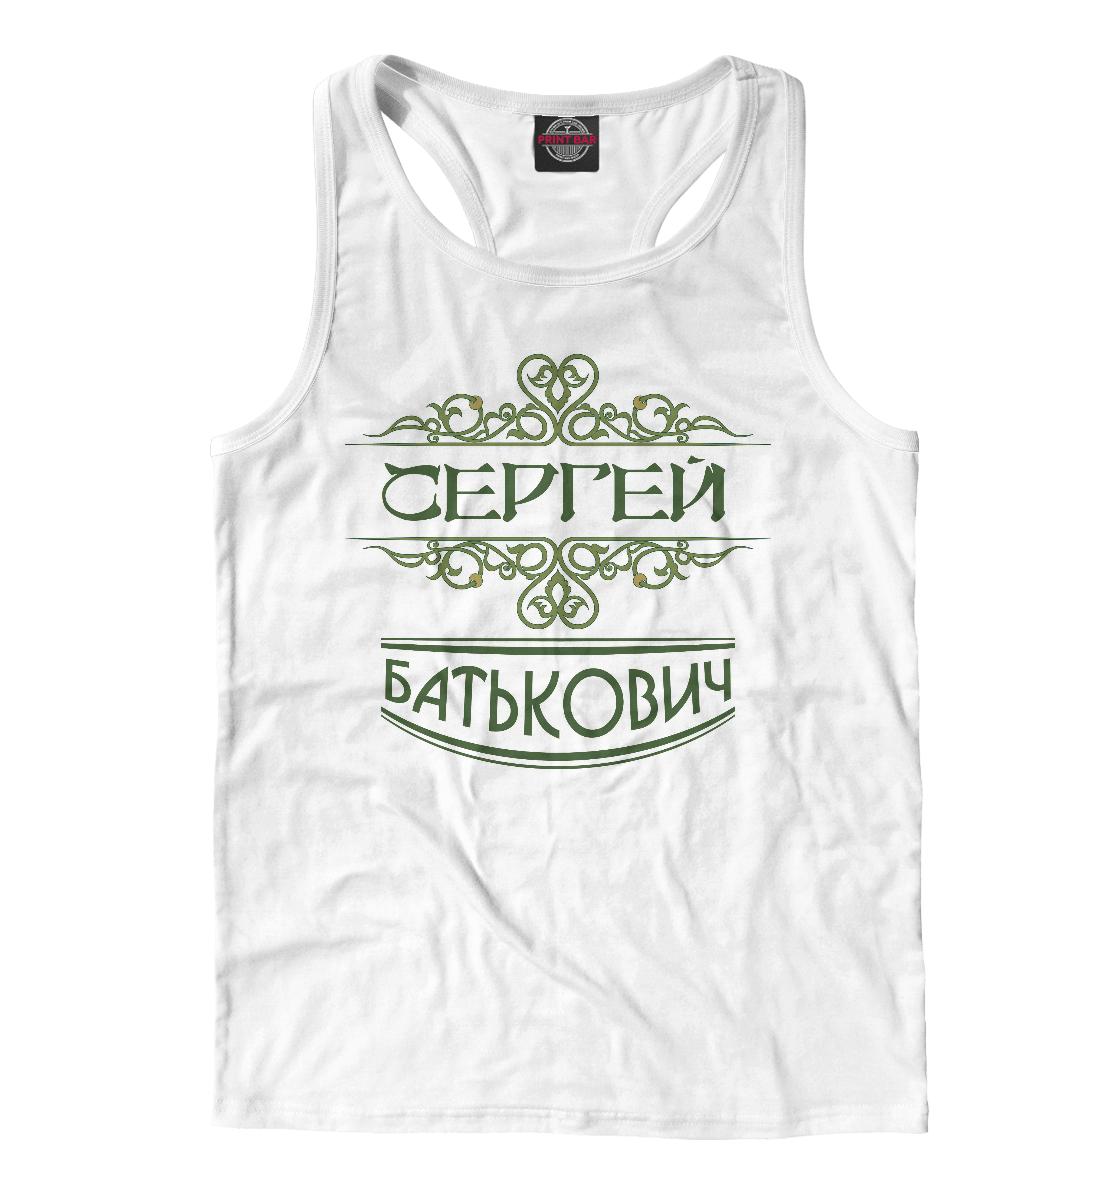 Купить Сергей Батькович, Printbar, Майки борцовки, IMR-183433-mayb-2